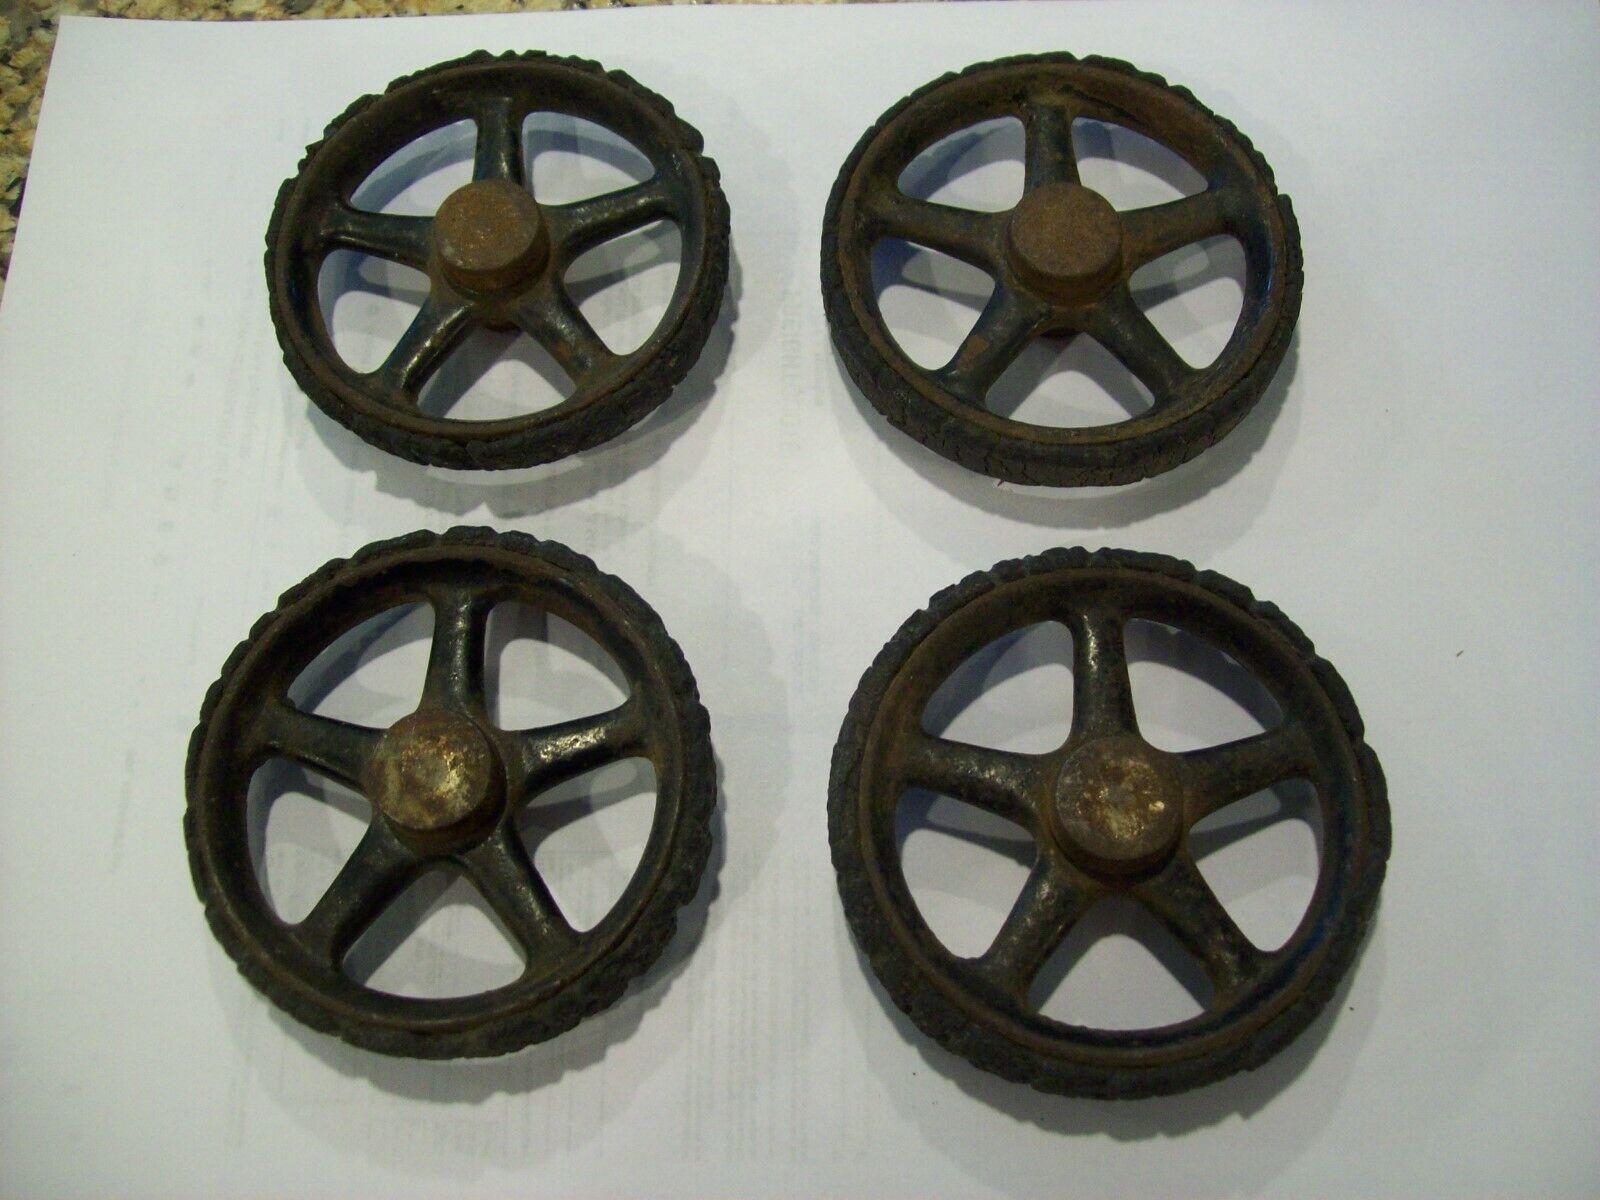 salida de fábrica Juguete Vintage 3  Ruedas De De De Hierro Pesado Juego De 4 neumáticos de goma dura con tapacubos  comprar marca